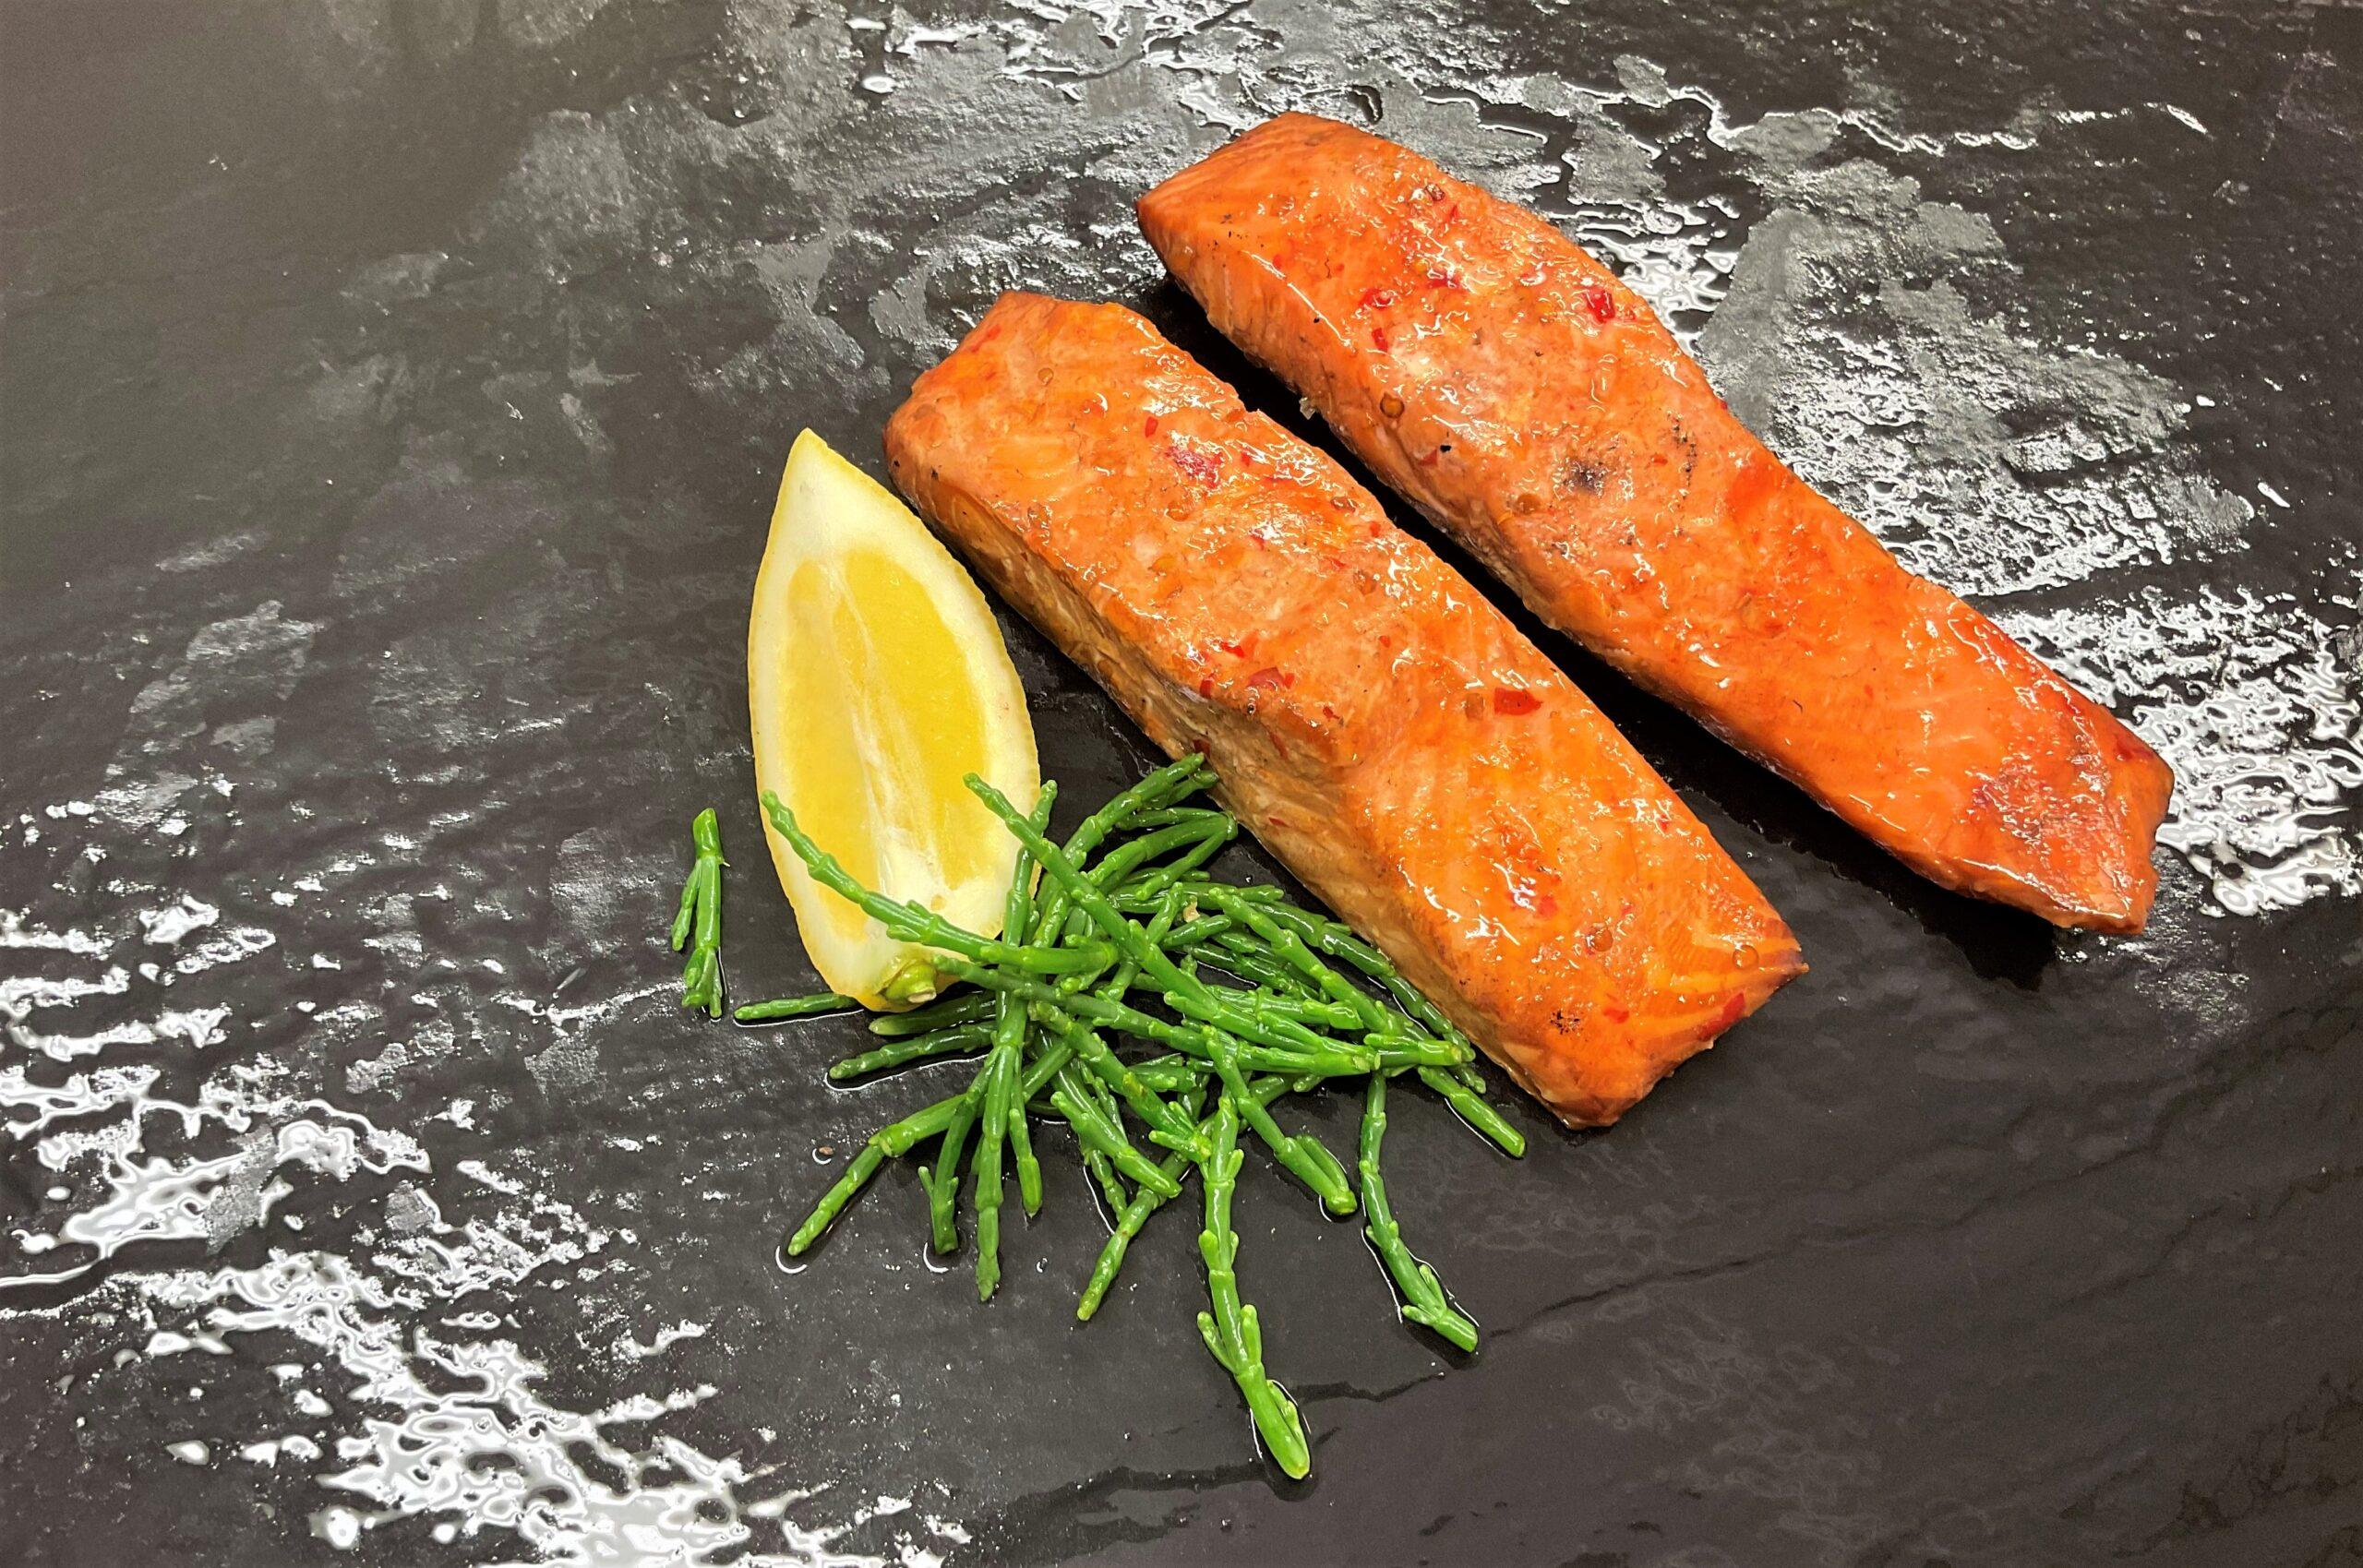 Chili smoked salmon